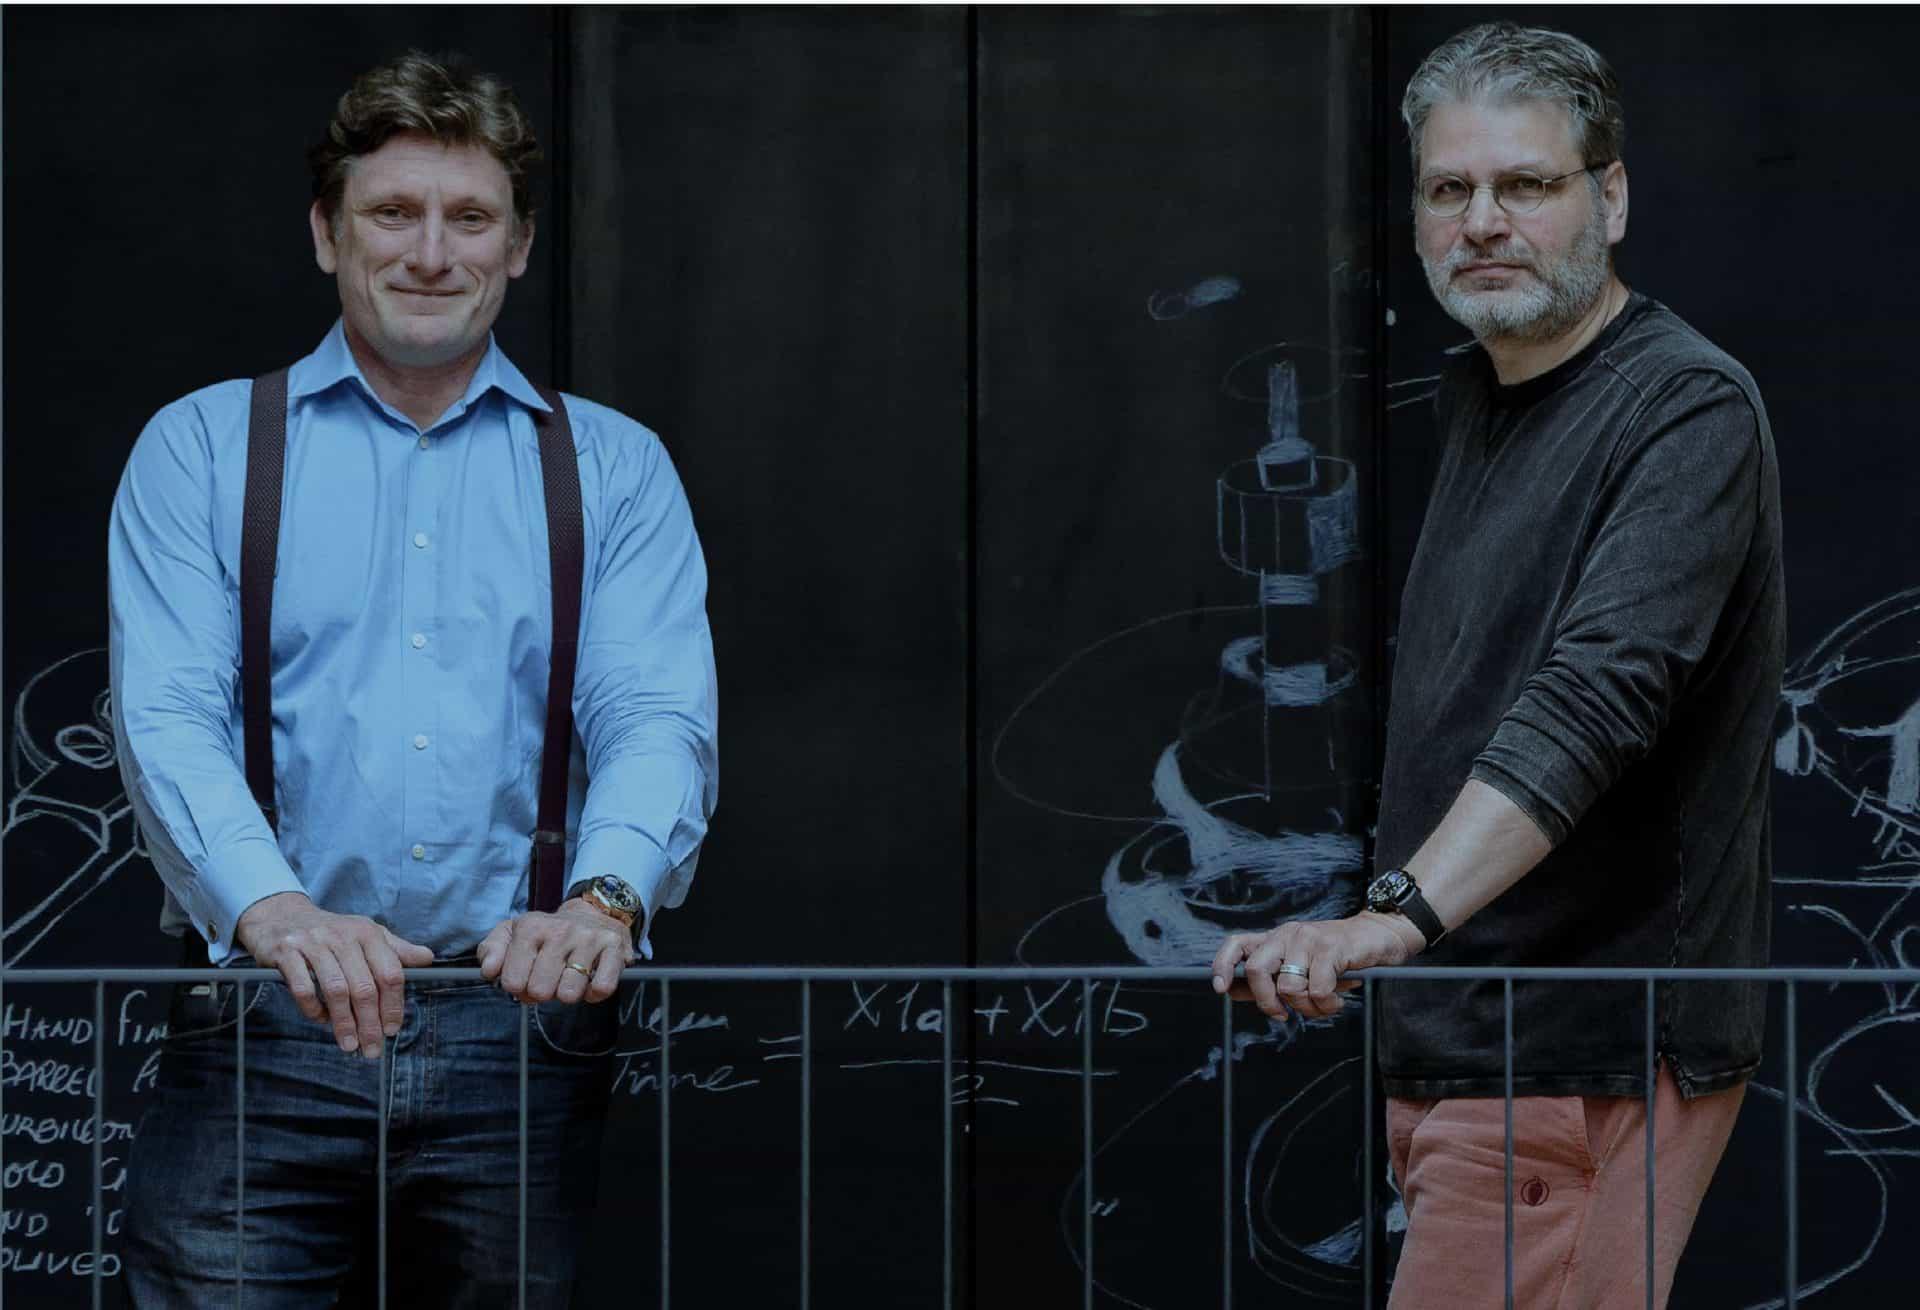 Porträt-Aufnahme von Robert Greubel und Stephen Forsey